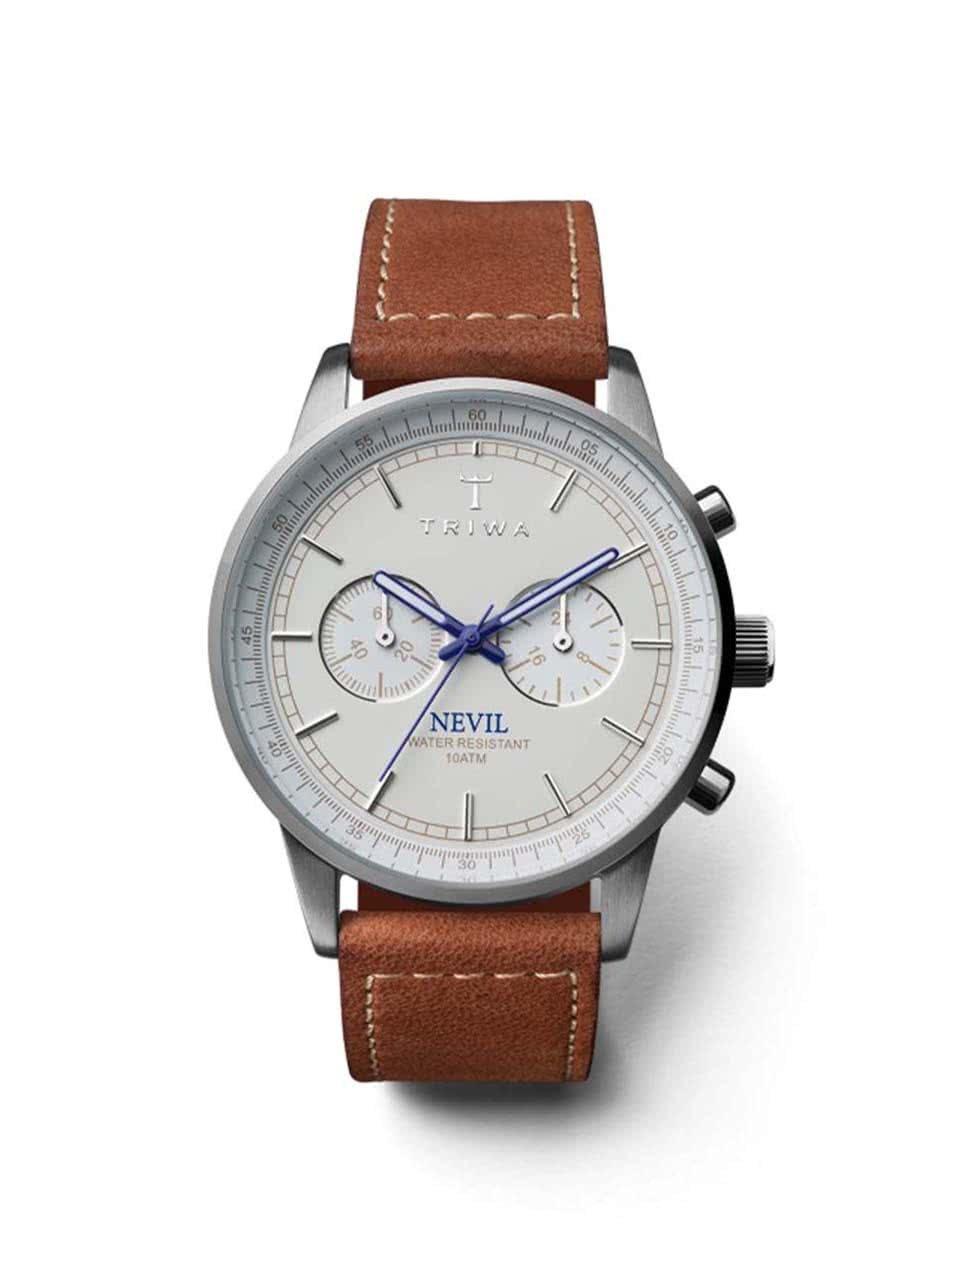 Bílo-modré pánské kožené hodinky TRIWA Nevil ... bc923d0466